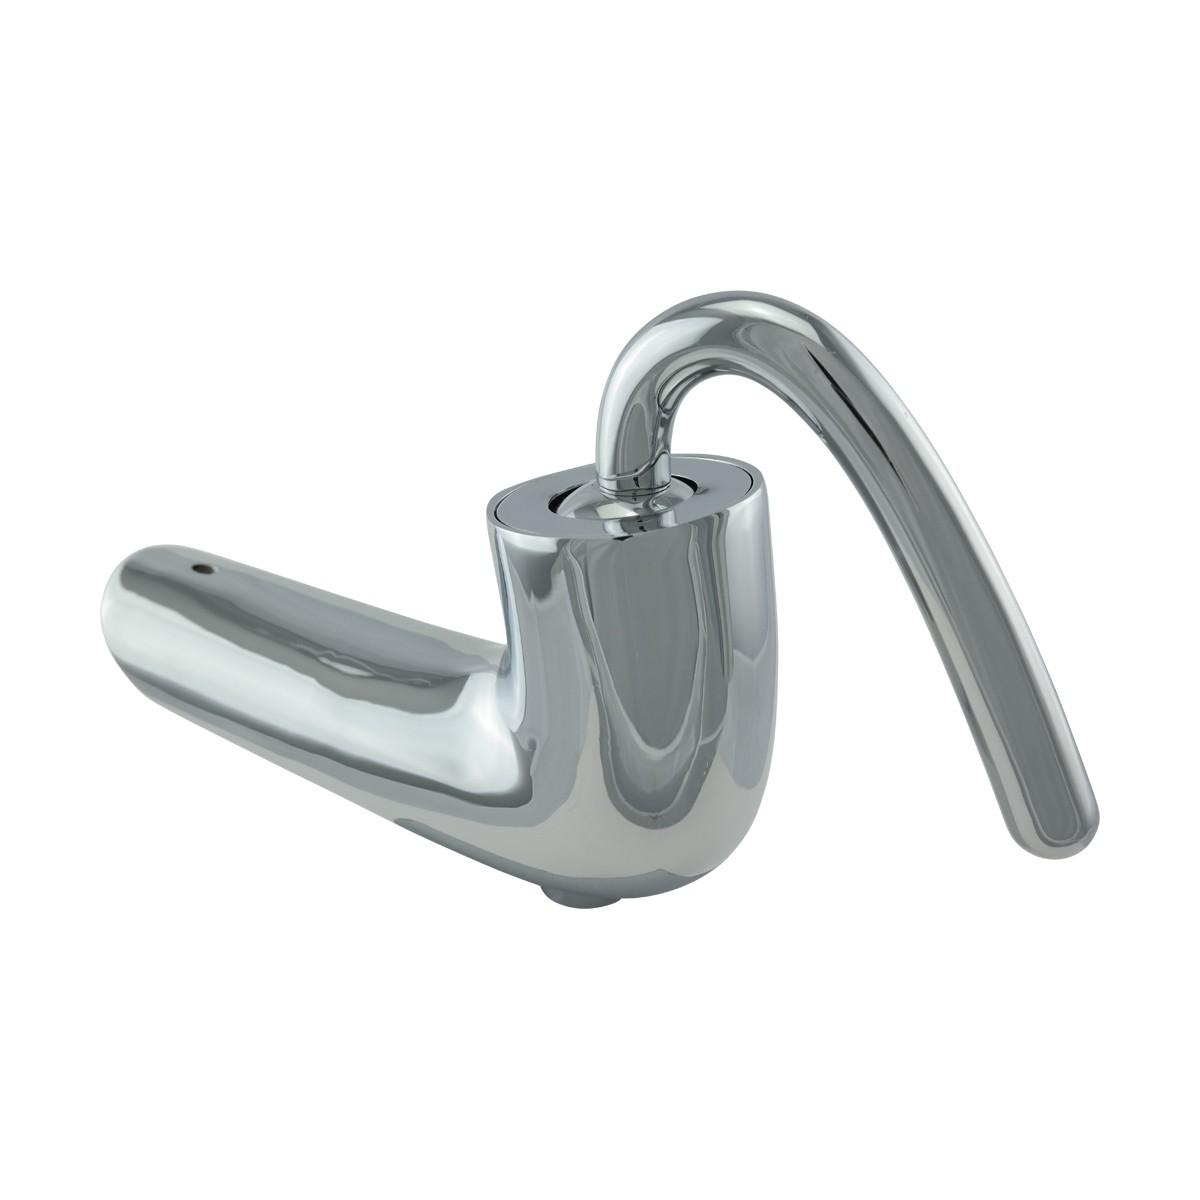 Bathroom Faucet Chrome Plated Modern Single Hole 1 Handle Chrome Bathroom Faucet Brass Bathroom Faucets Bathroom Faucet Single Handle